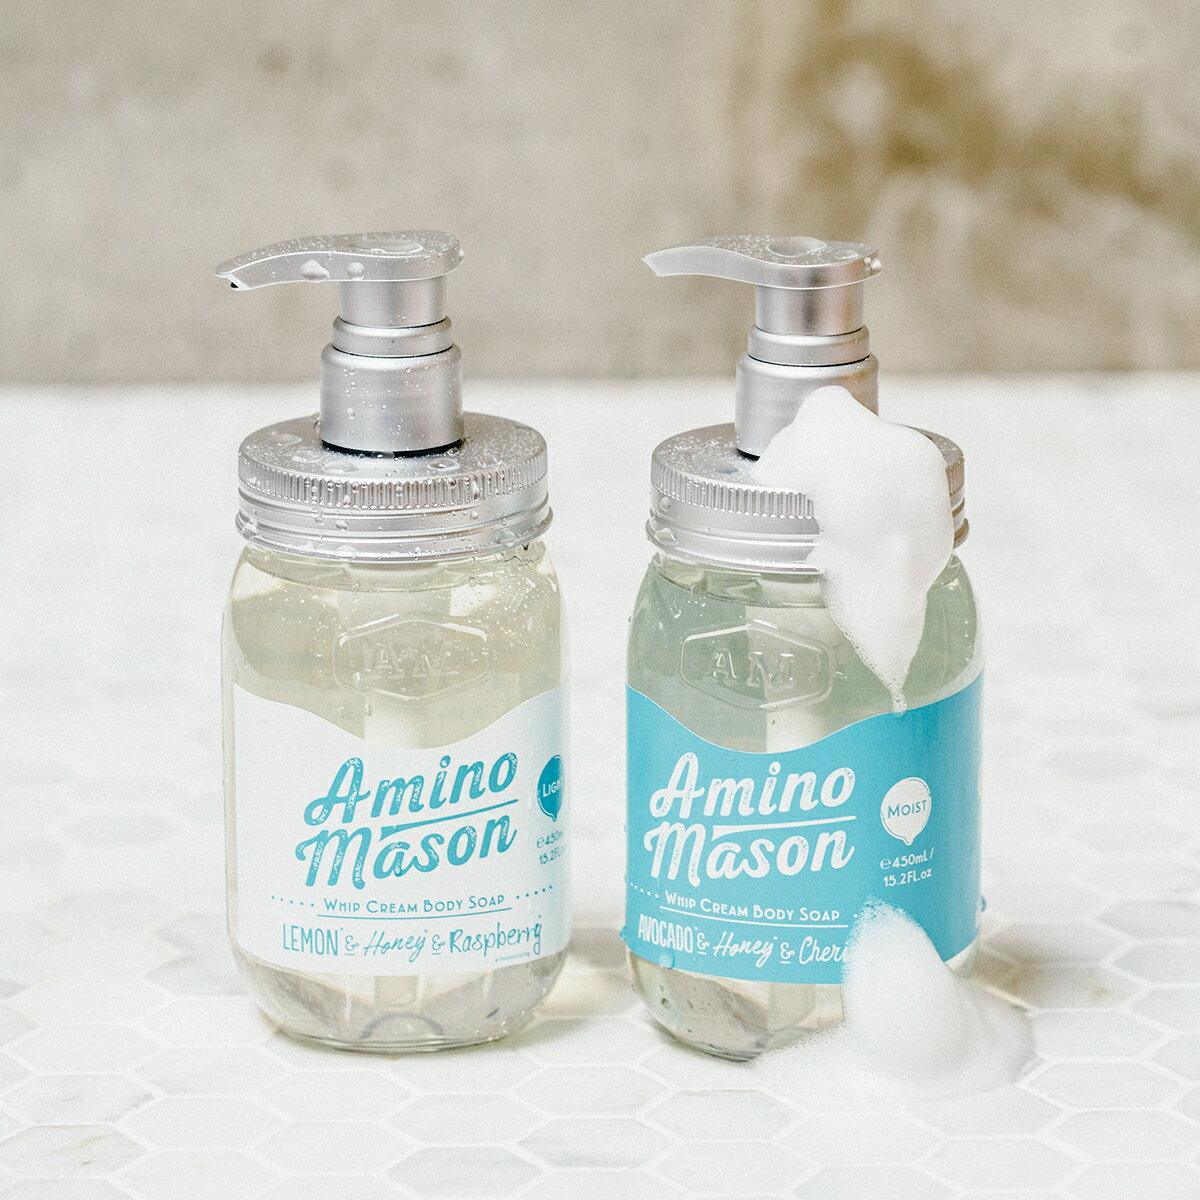 Amino Mason ボディソープ ボタニカル 詰め替えあり ボタニカルボディソープ アミノメイソン アミノ酸 アミノ酸ボディソープ Amino Mason シャンプーボトル かわいい